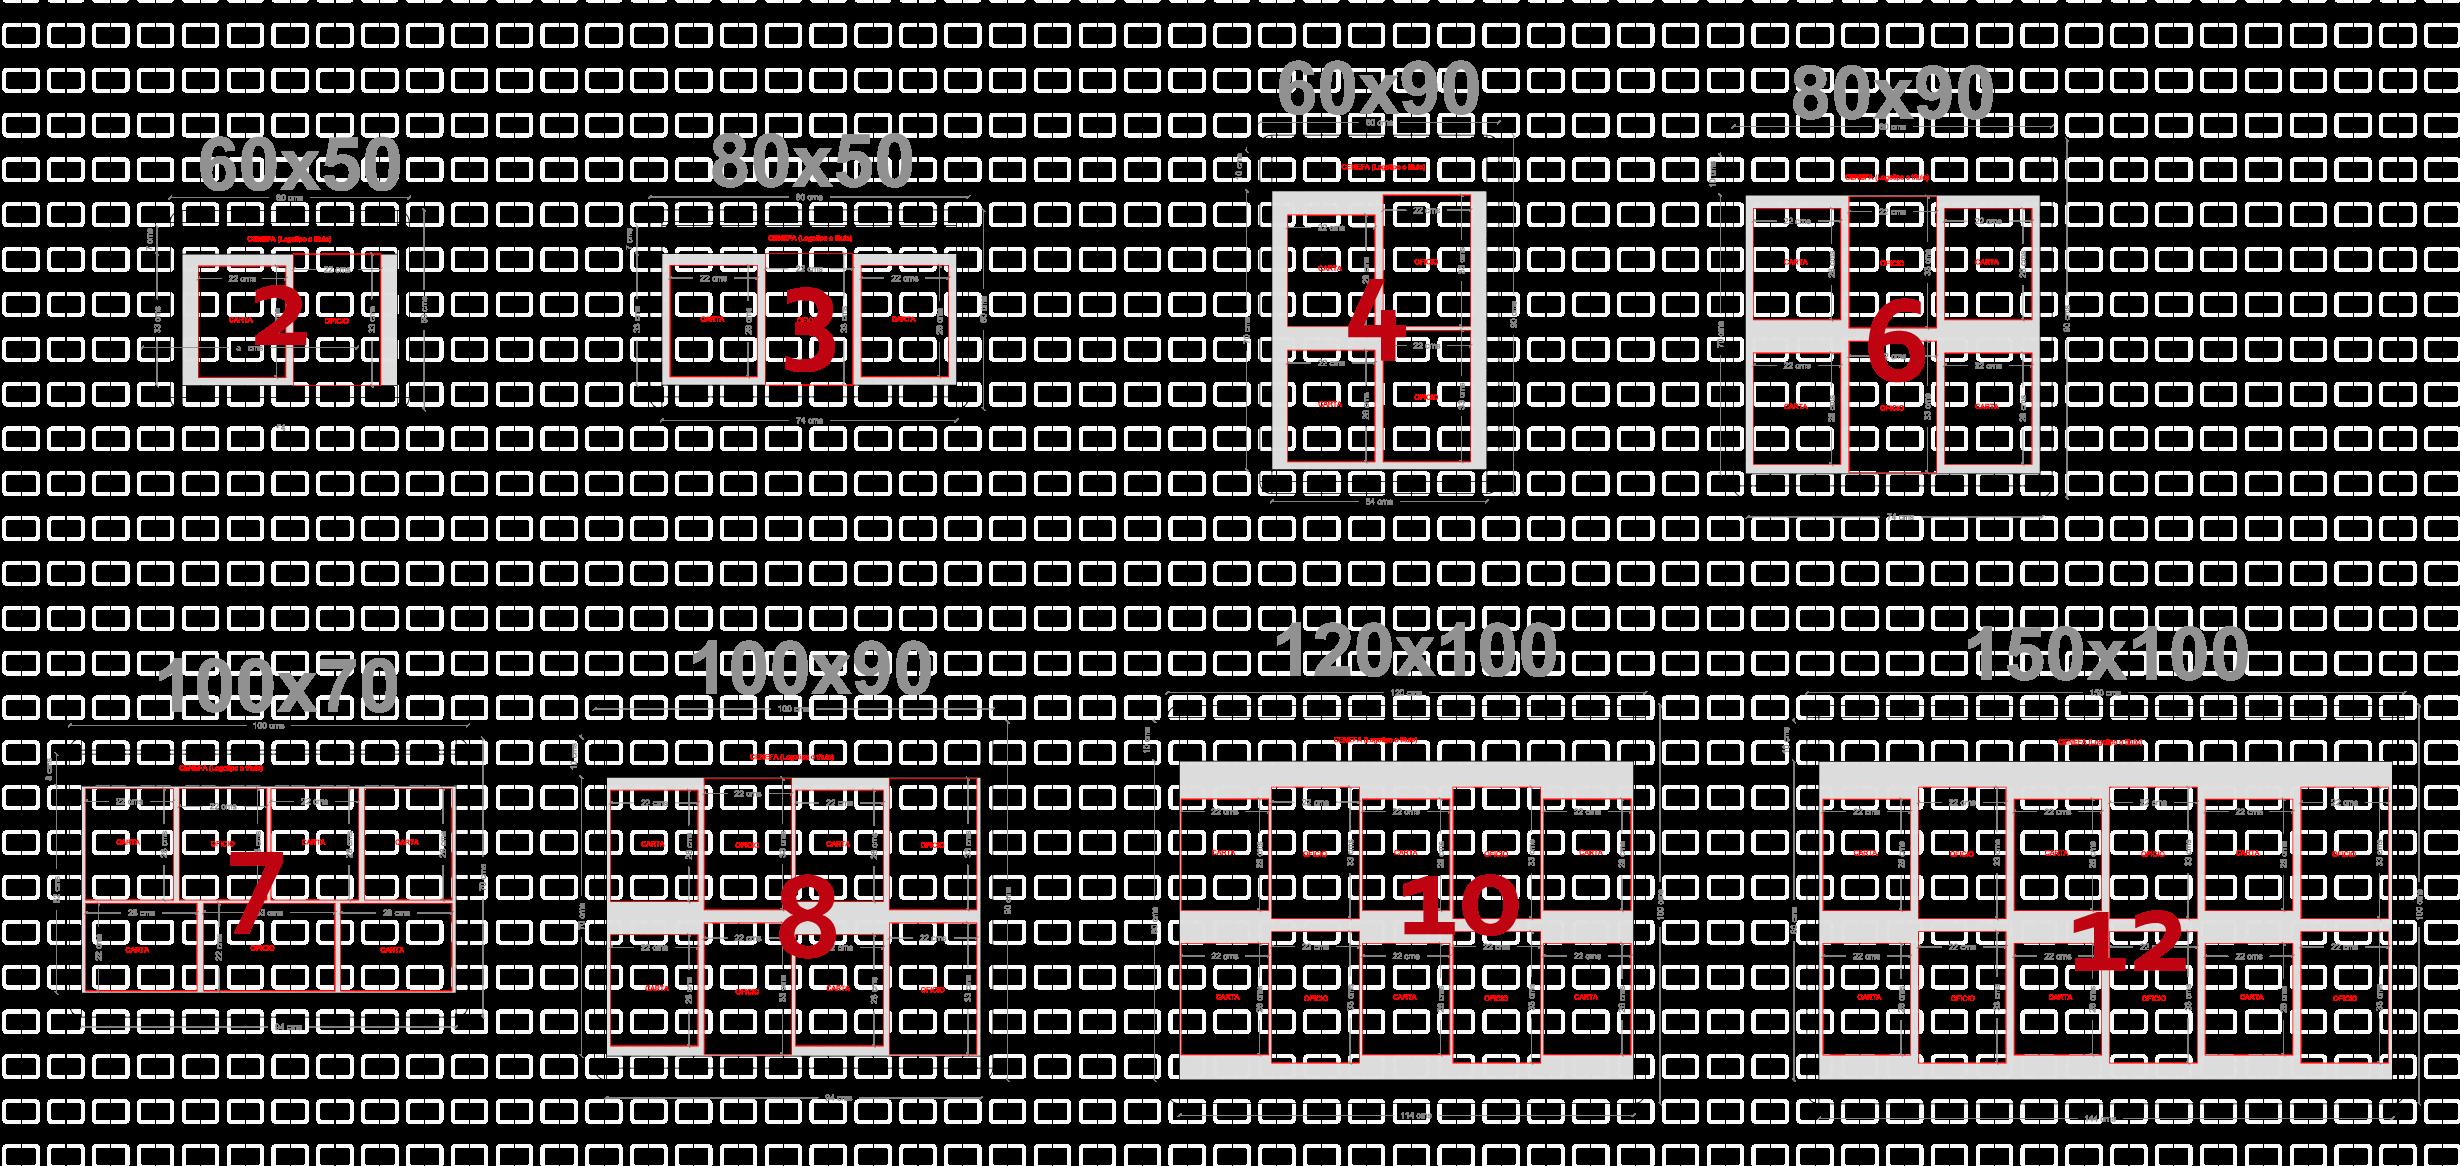 Tamaños-y-capacidad